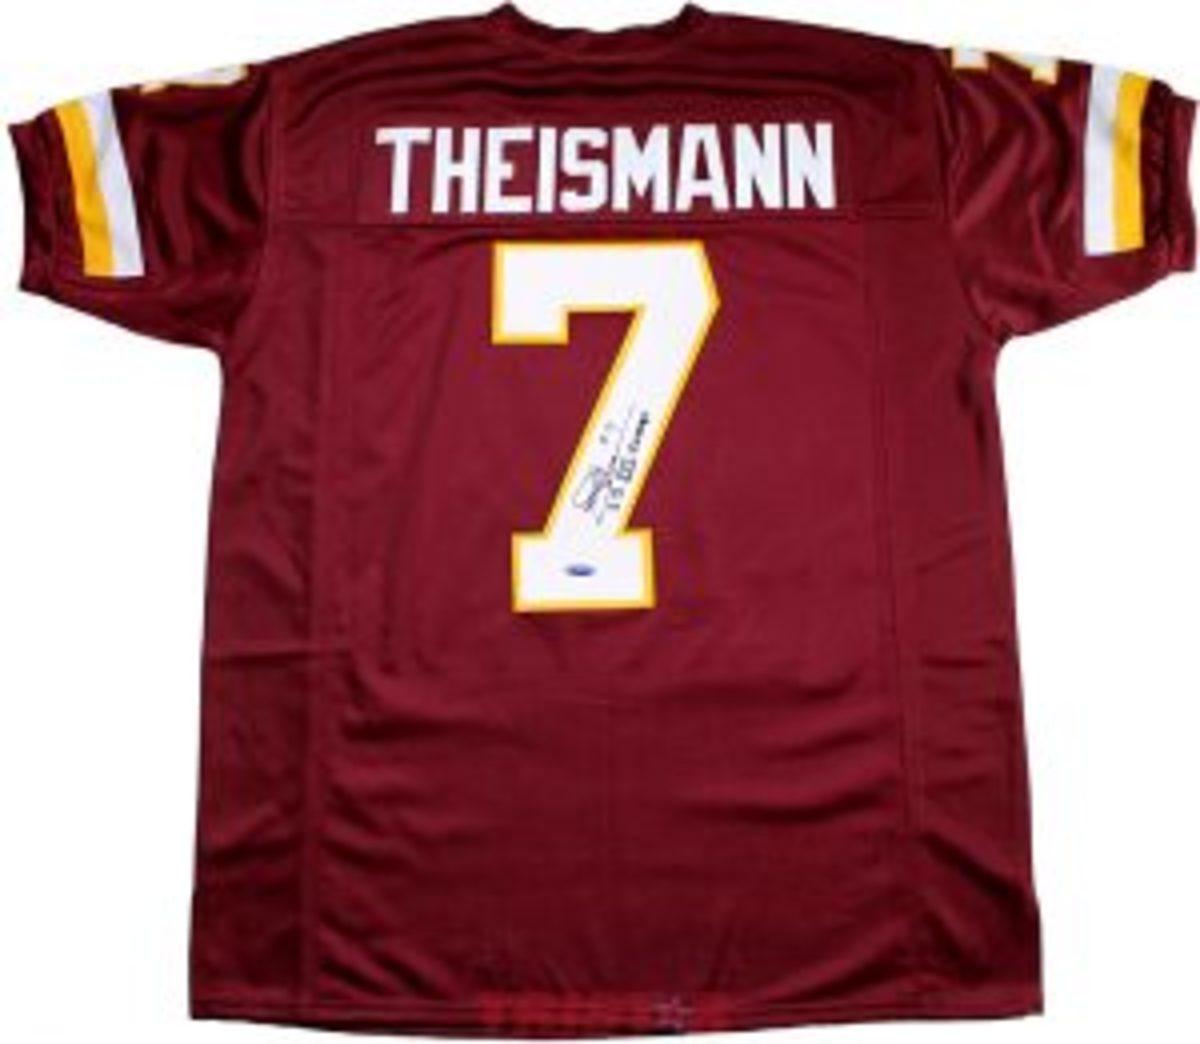 Theismann